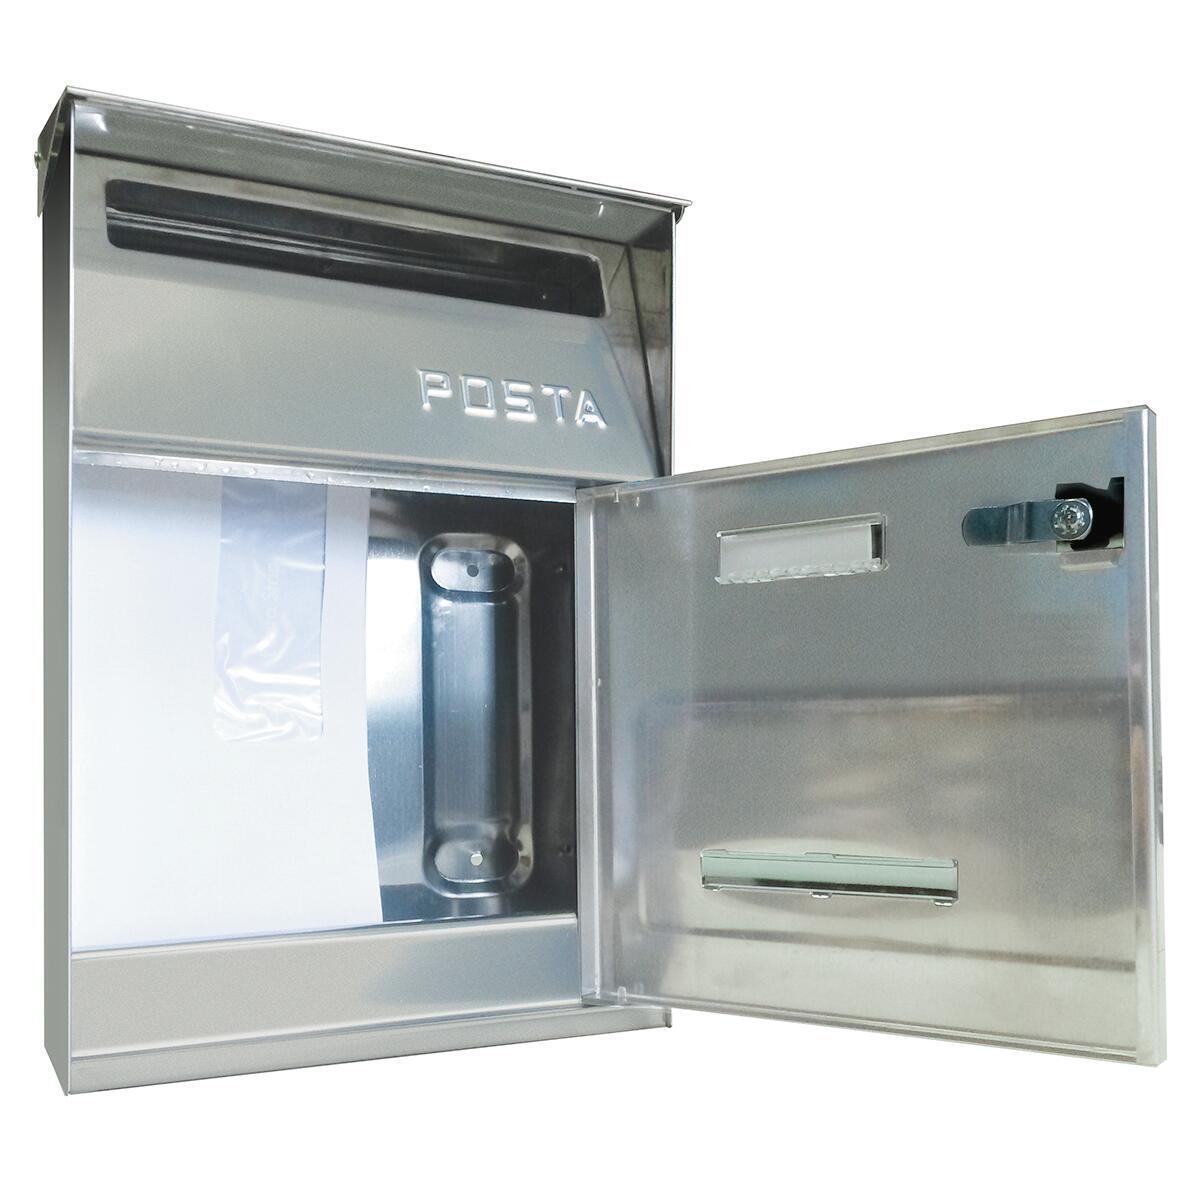 Cassetta postale ALUBOX formato Lettera, grigio / argento , L 22 x P 11 x H 32.5 cm - 5